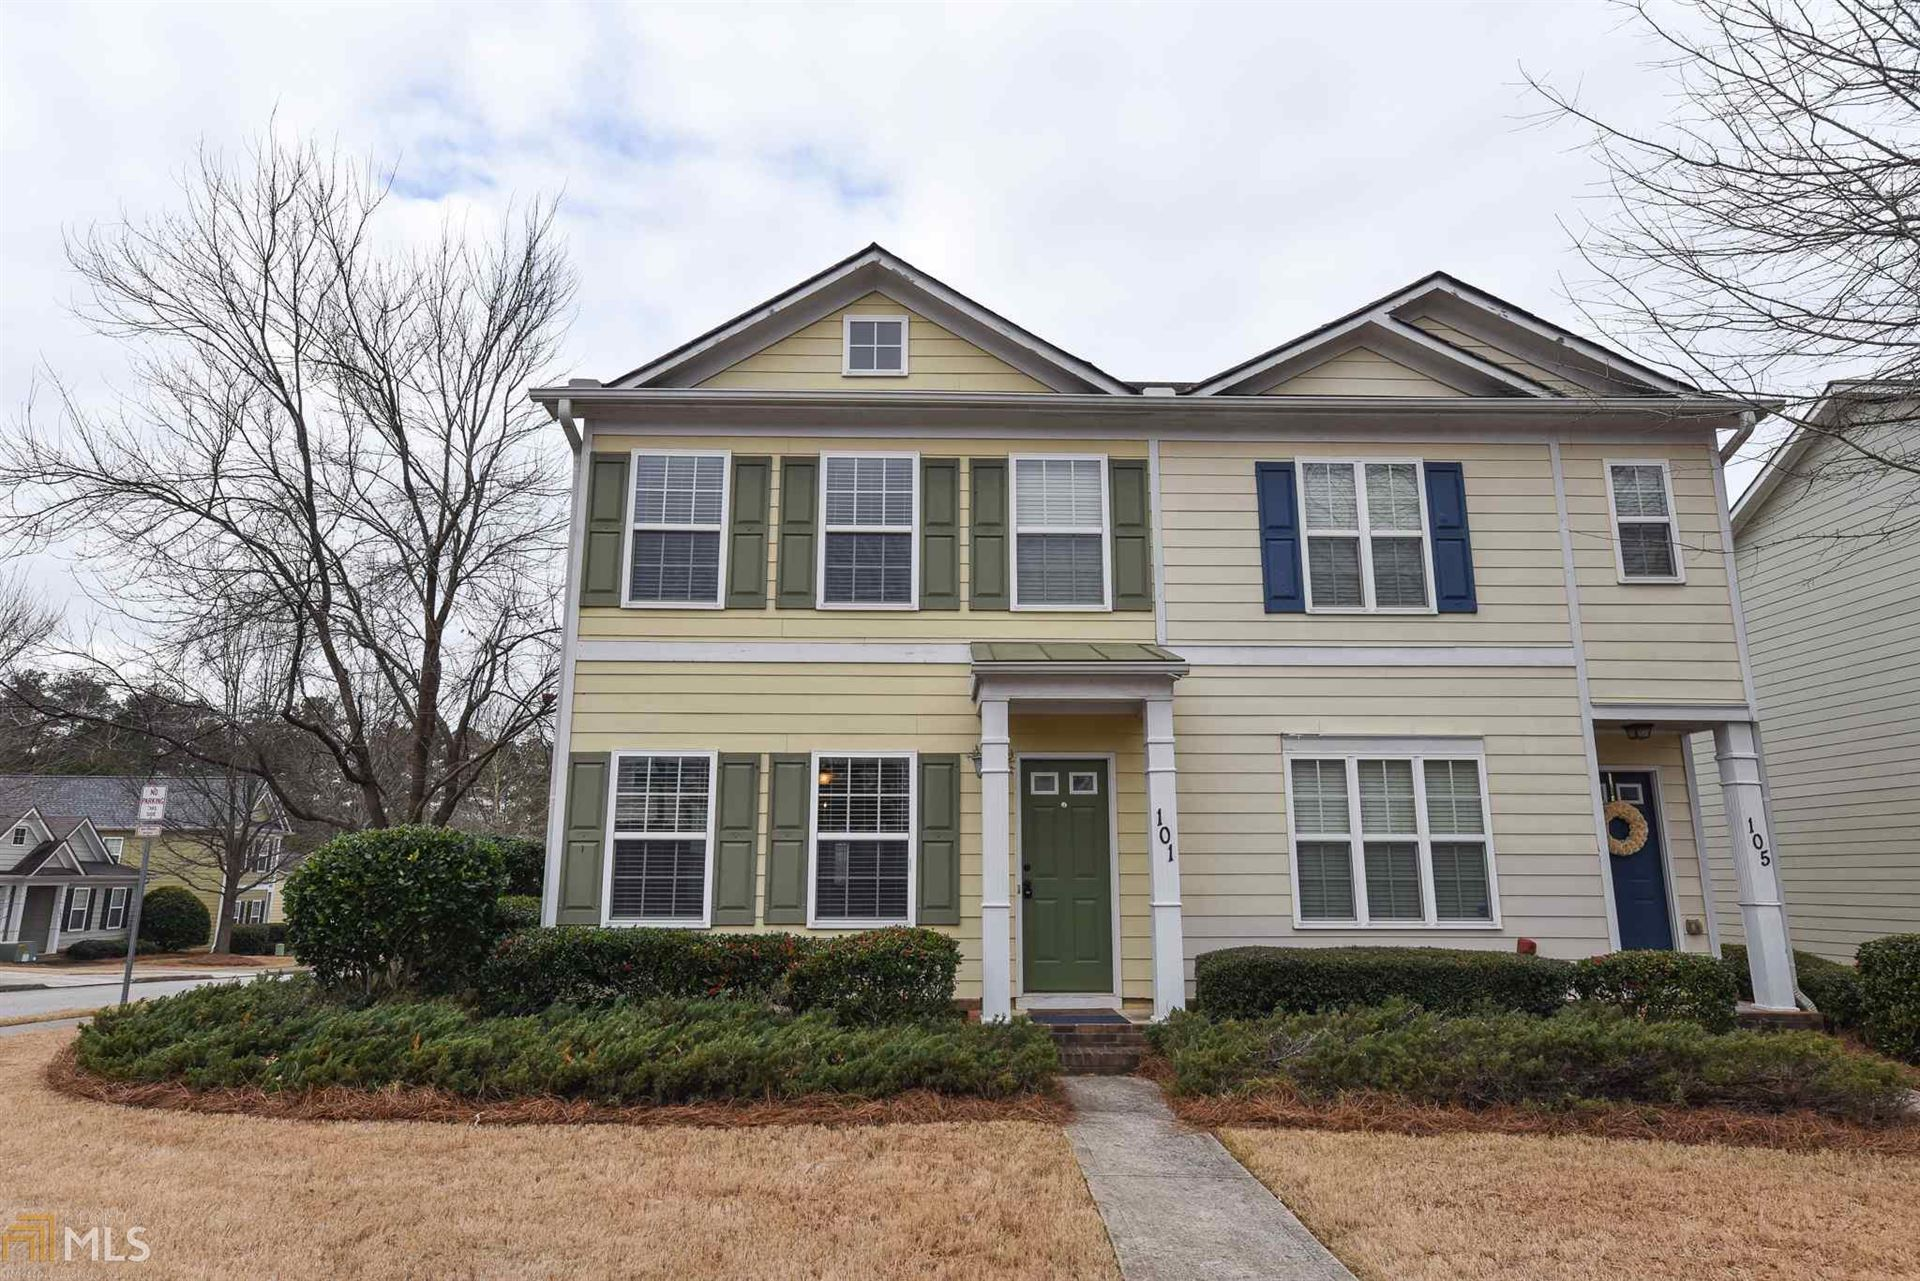 101 Brockett Dr, Athens, GA 30607 - MLS#: 8914863